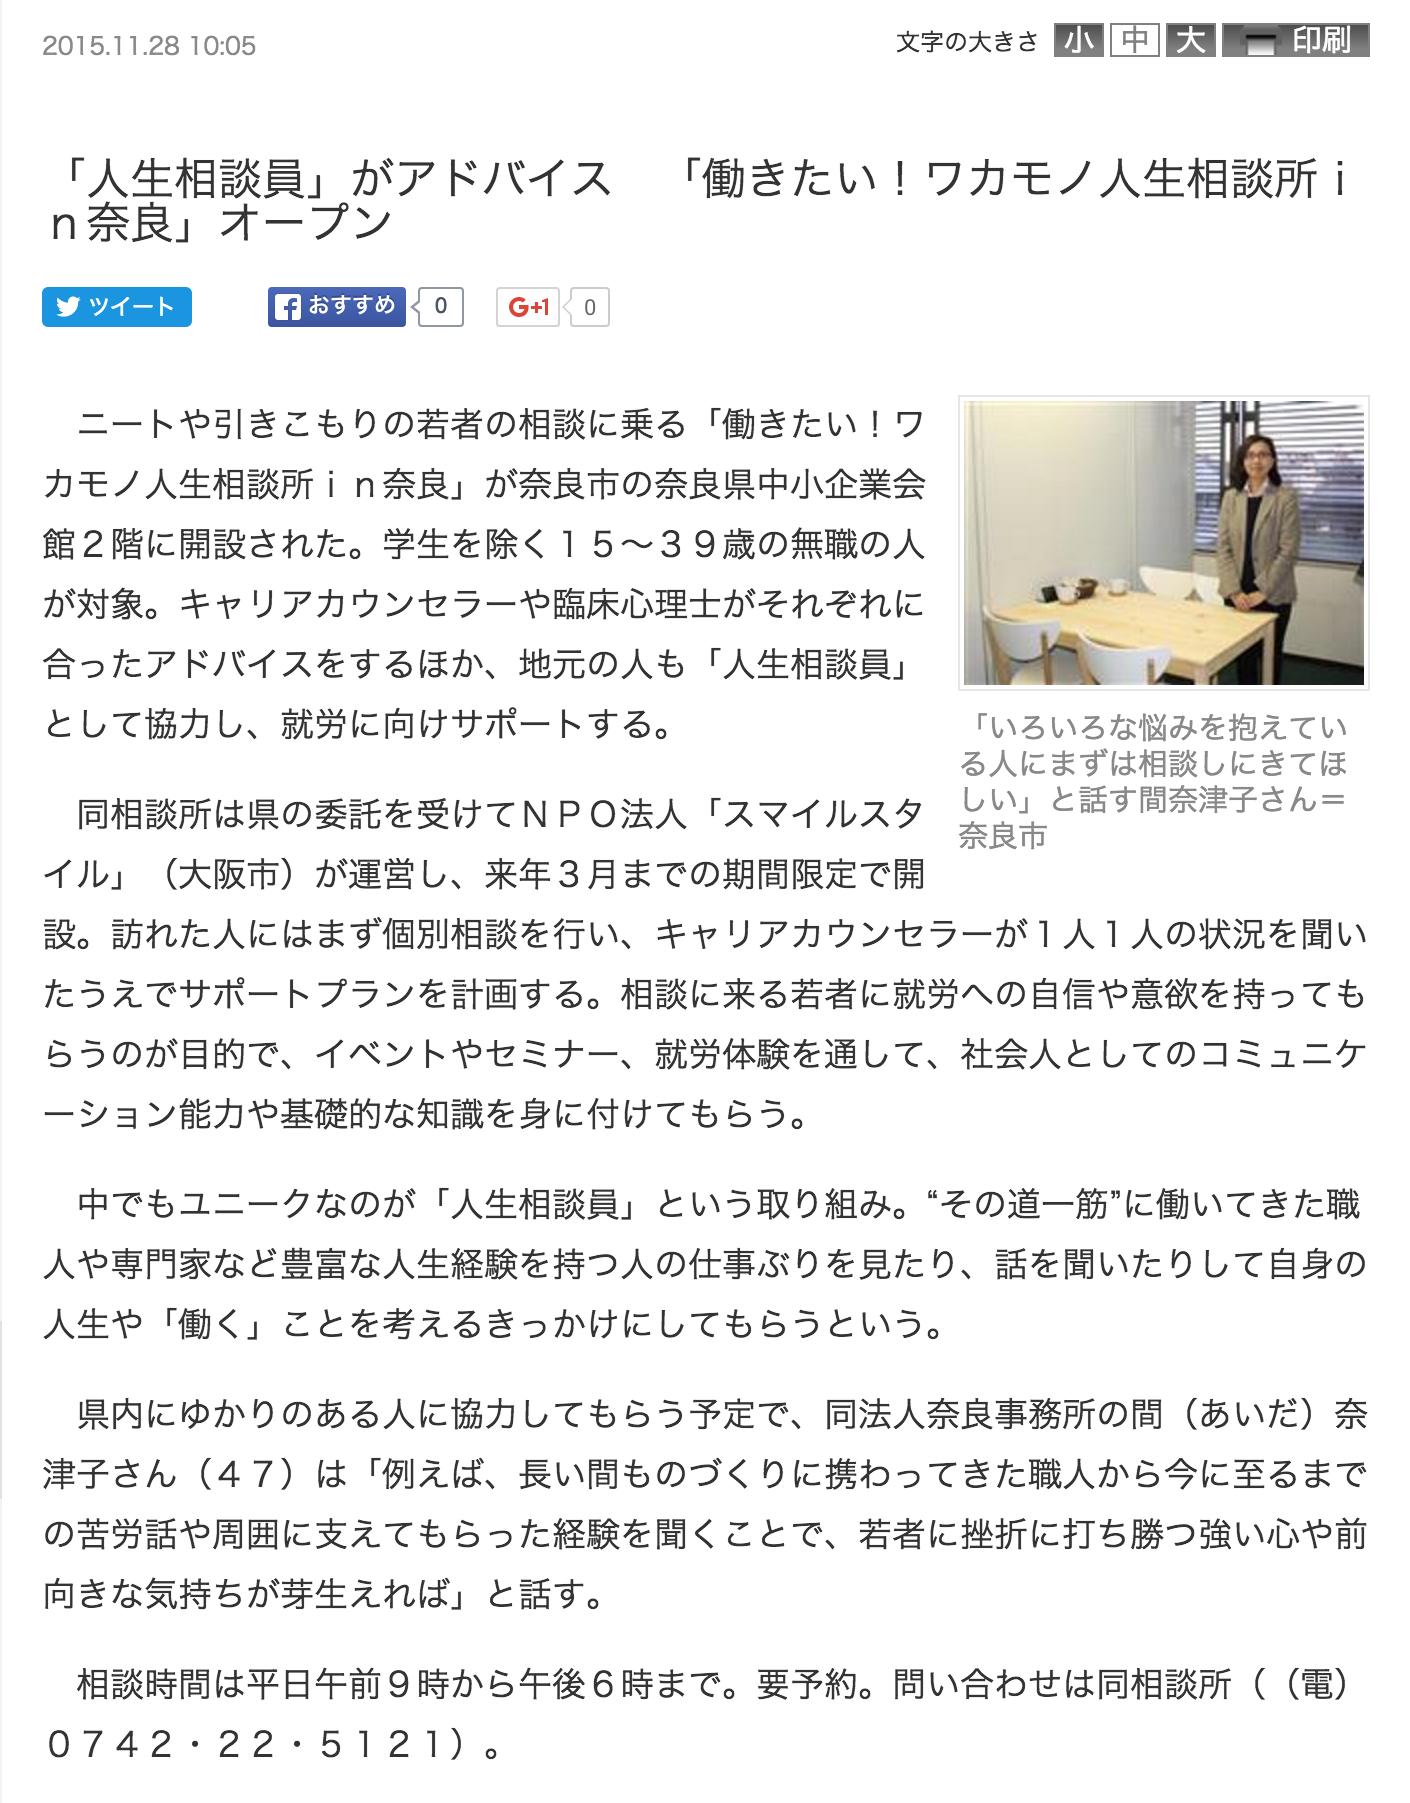 151128_人生相談所_産経